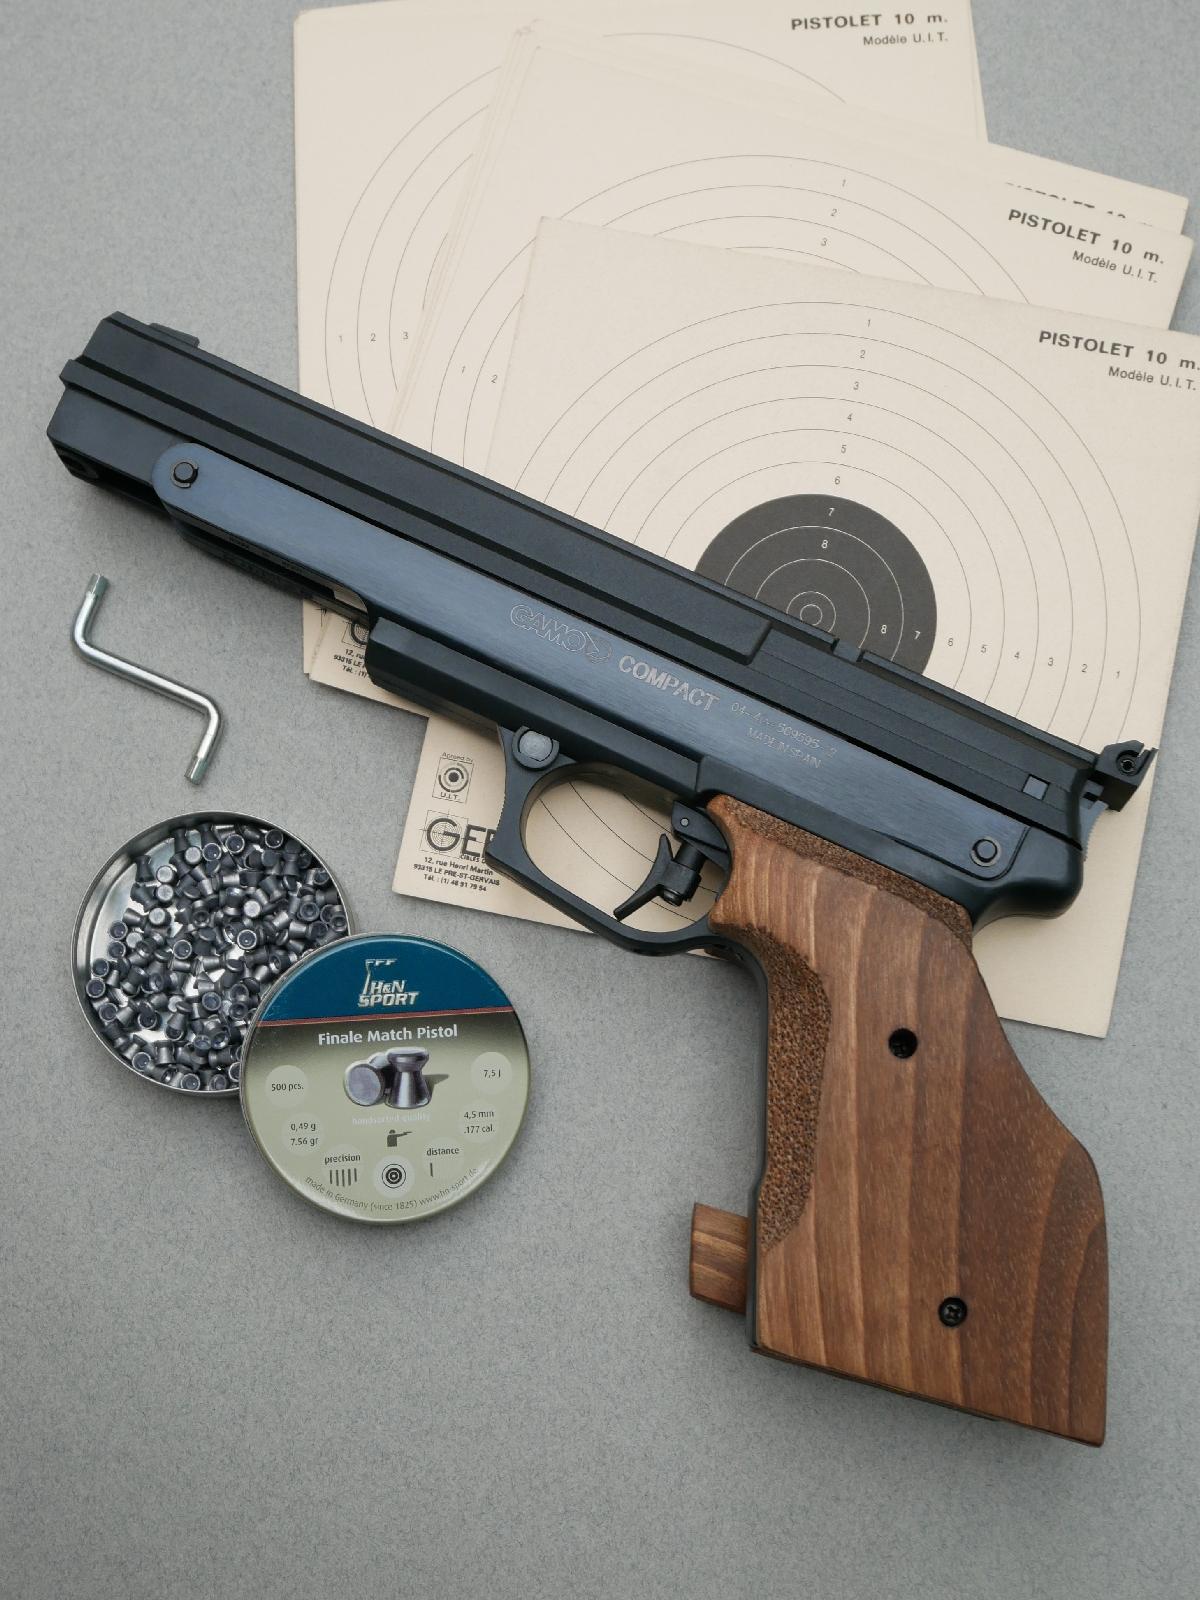 Le pistolet GAMO Compact est livré dans une mallette en matière plastique garnie de mousse, accompagné par un manuel utilisateur et une petite boîte de plombs à jupe. La clé hexagonale de 4 mm nécessaire au réglage du talon de la crosse anatomique n'est pas fournie. Celle qui figure sur la photo provient... de la maison IKEA !